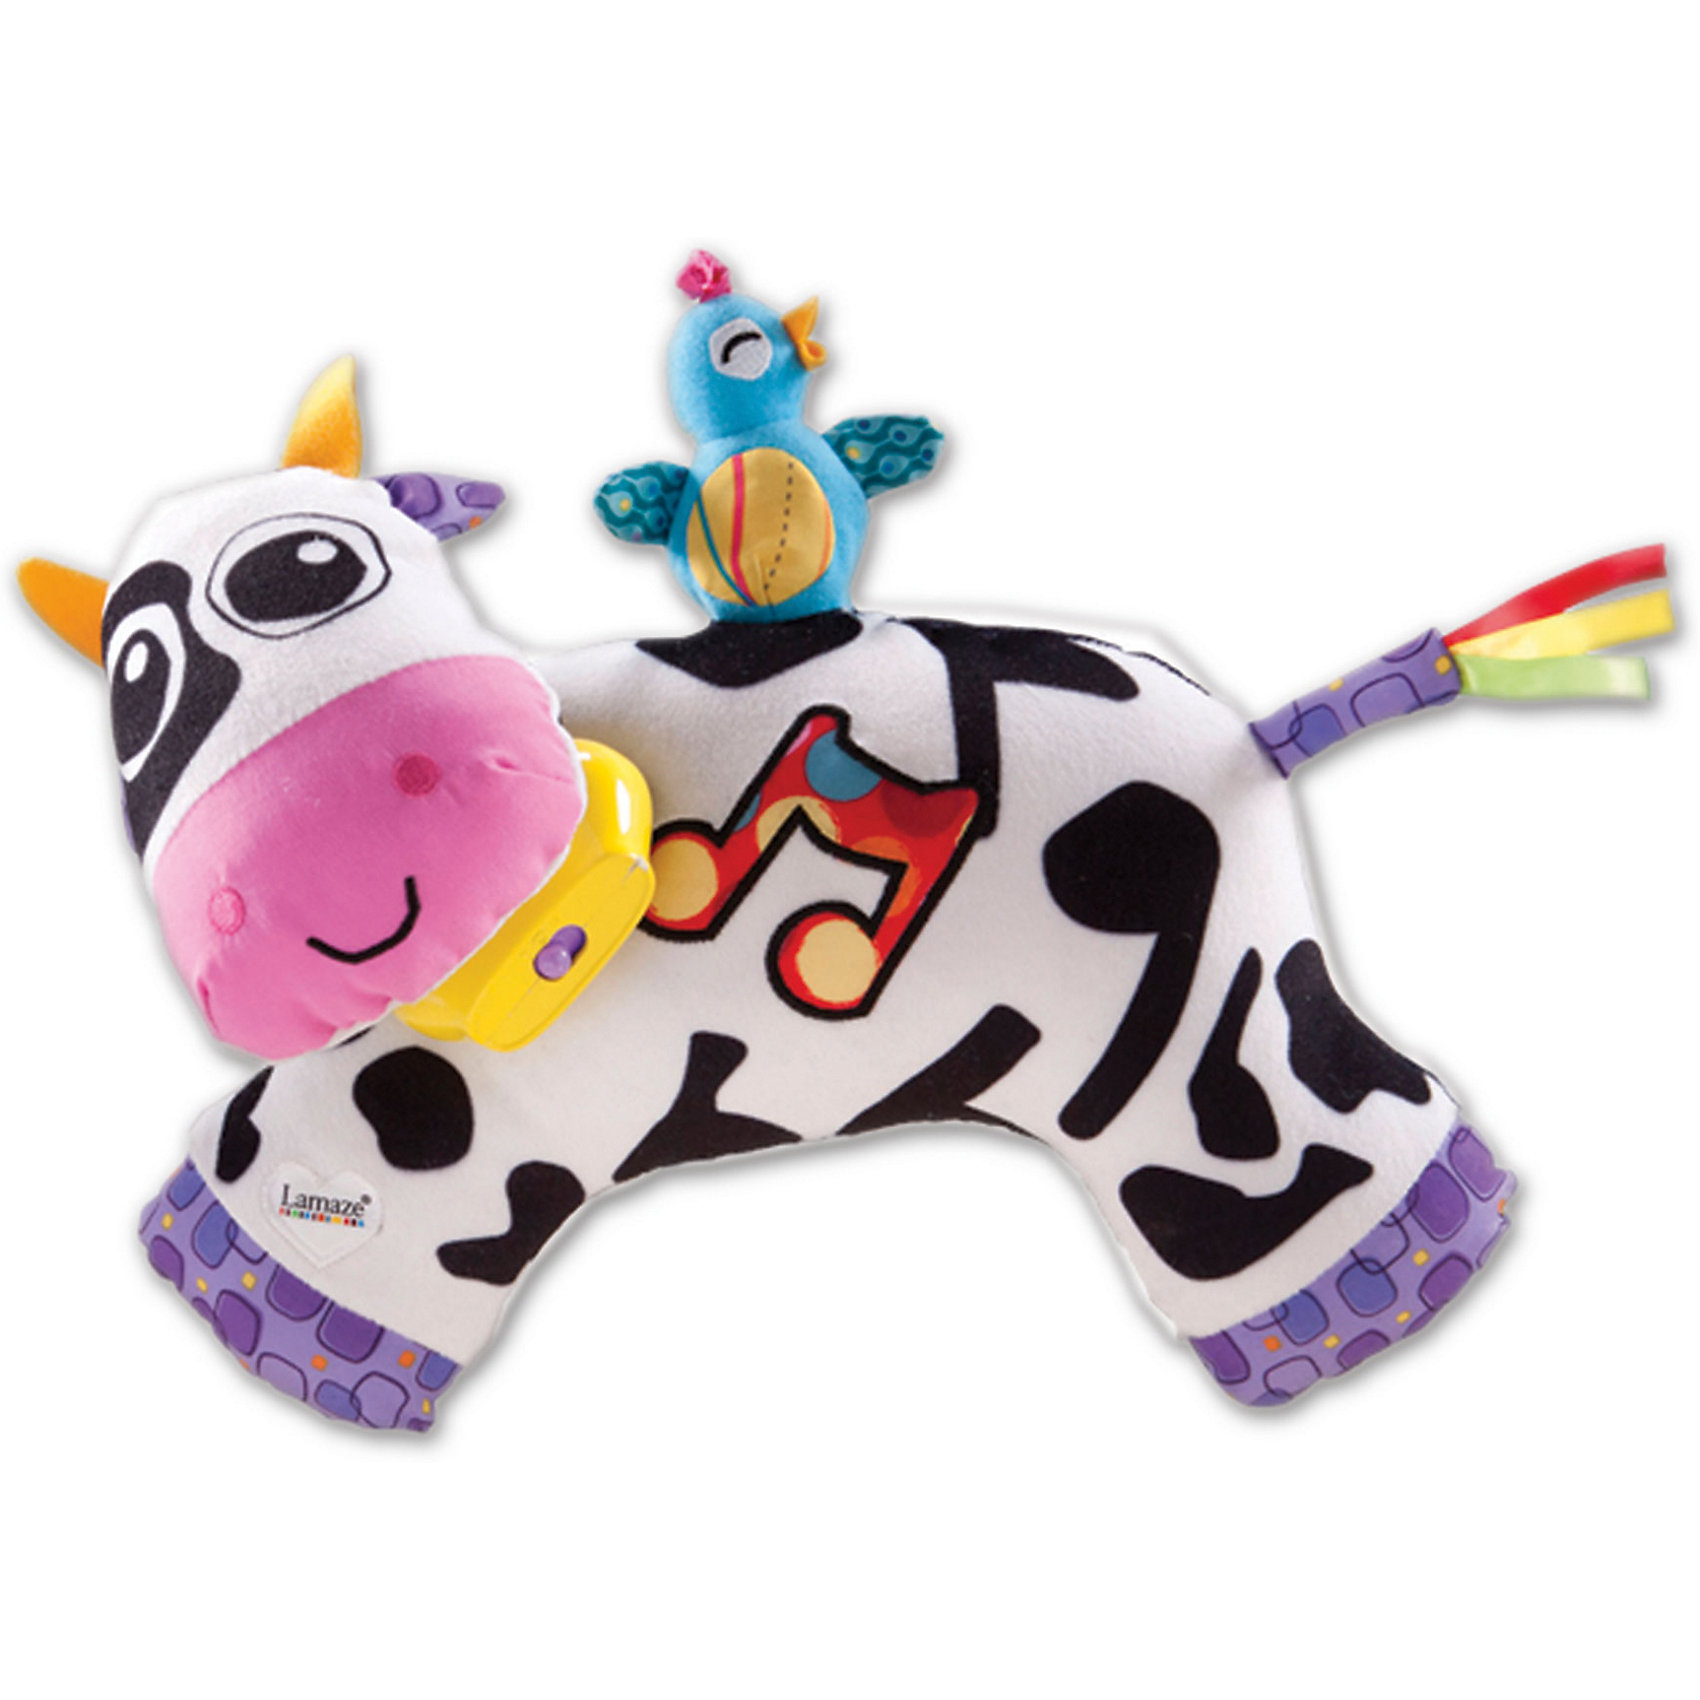 Мягкая игрушка Музыкальная Коровка, звук-мелодия, Tomy LamazeЗвери и птицы<br>Малыши очень любознательны и общительны, они каждый день узнают что-то новое. Сделать процесс познавания мира для малышей - просто! Яркая обучающая игрушка «Музыкальная Коровка» поможет ребенку весело  и с пользой провести время. Игрушка сделана из мягкого материала, что развивает тактильное восприятие ребенка. Оснащена разными звуковыми и световыми эффектами. Она проигрывает разные мелодии в зависимости от режима, поможет ребенку уснуть.<br>Эта коровка обязательно займет ребенка! Игра с ней помогает детям развивать мелкую моторику, внимательность и познавать мир. Игрушка сделана из качественных и безопасных для ребенка материалов.<br><br>Дополнительная информация:<br><br>цвет: разноцветный;<br>размер: 31 х 21 х 10 см;<br>работает от батареек АААх2 (в комплекте);<br>материал: текстиль.<br><br>Мягкую игрушку  Музыкальная Коровка, звук-мелодия, Tomy Lamaze можно купить в нашем магазине.<br><br>Ширина мм: 370<br>Глубина мм: 280<br>Высота мм: 130<br>Вес г: 292<br>Возраст от месяцев: -2147483648<br>Возраст до месяцев: 2147483647<br>Пол: Унисекс<br>Возраст: Детский<br>SKU: 4918482